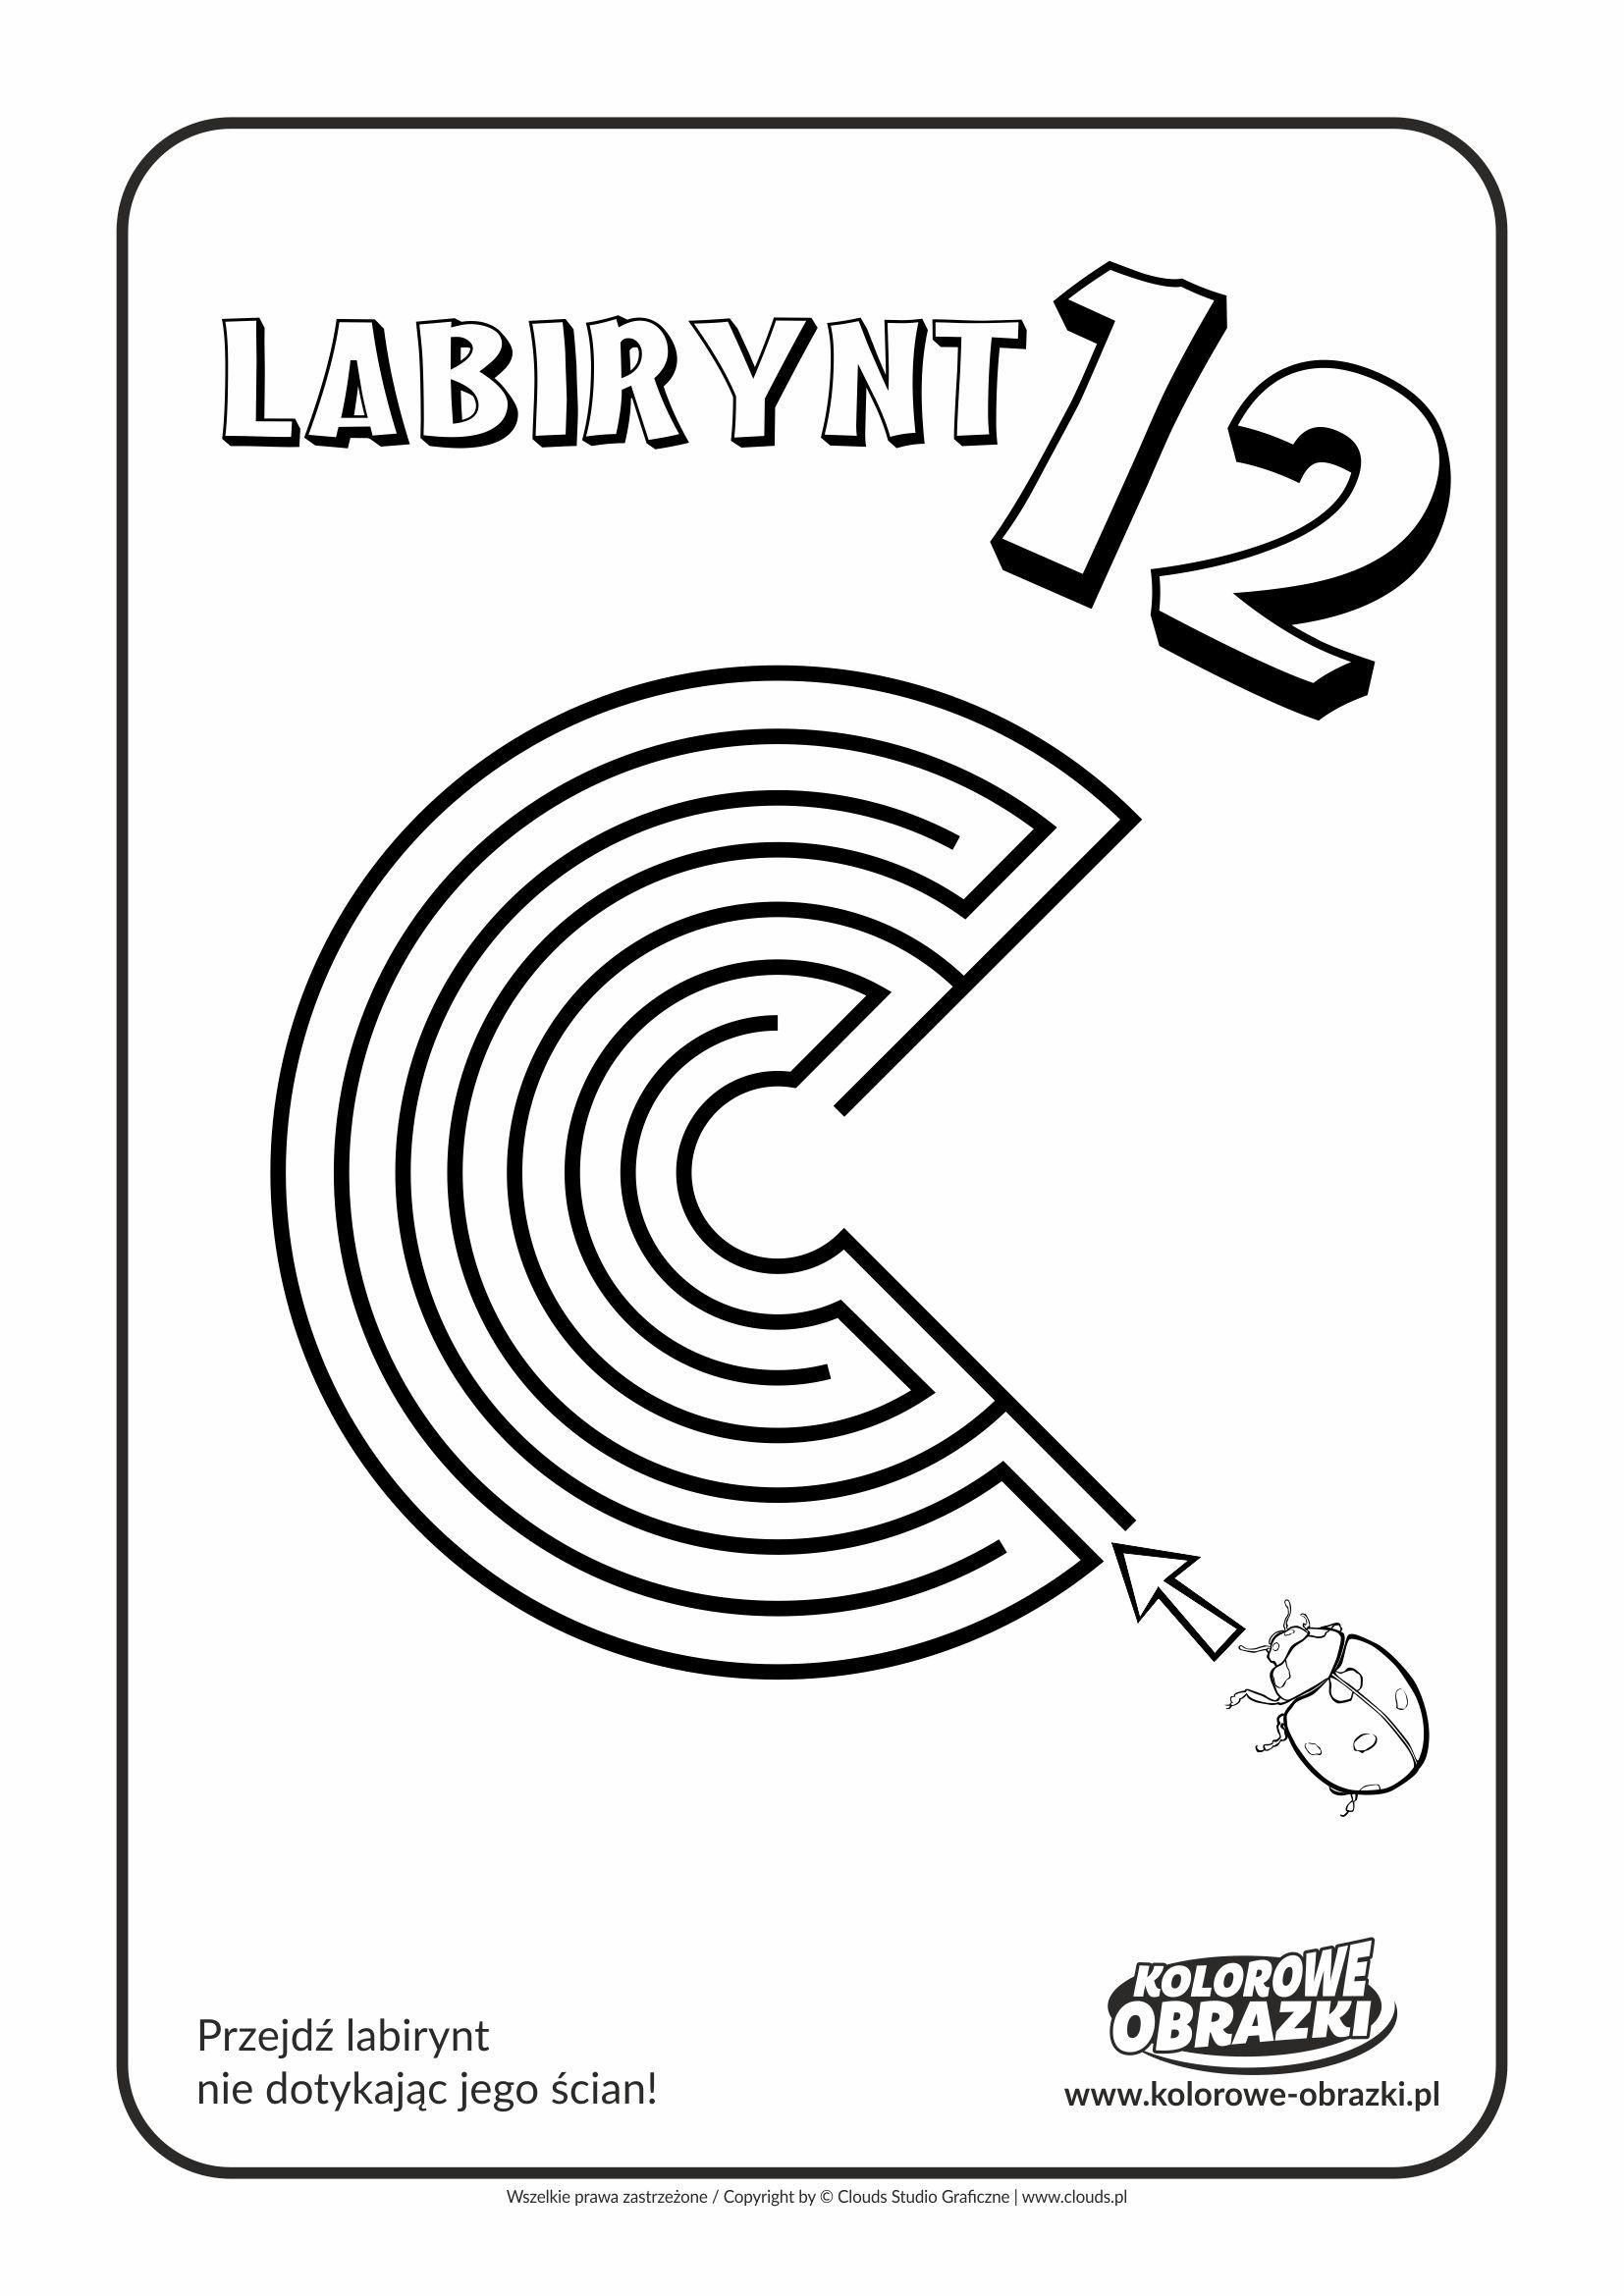 Kolorowanki dla dzieci - Labirynty / Labirynt nr 12